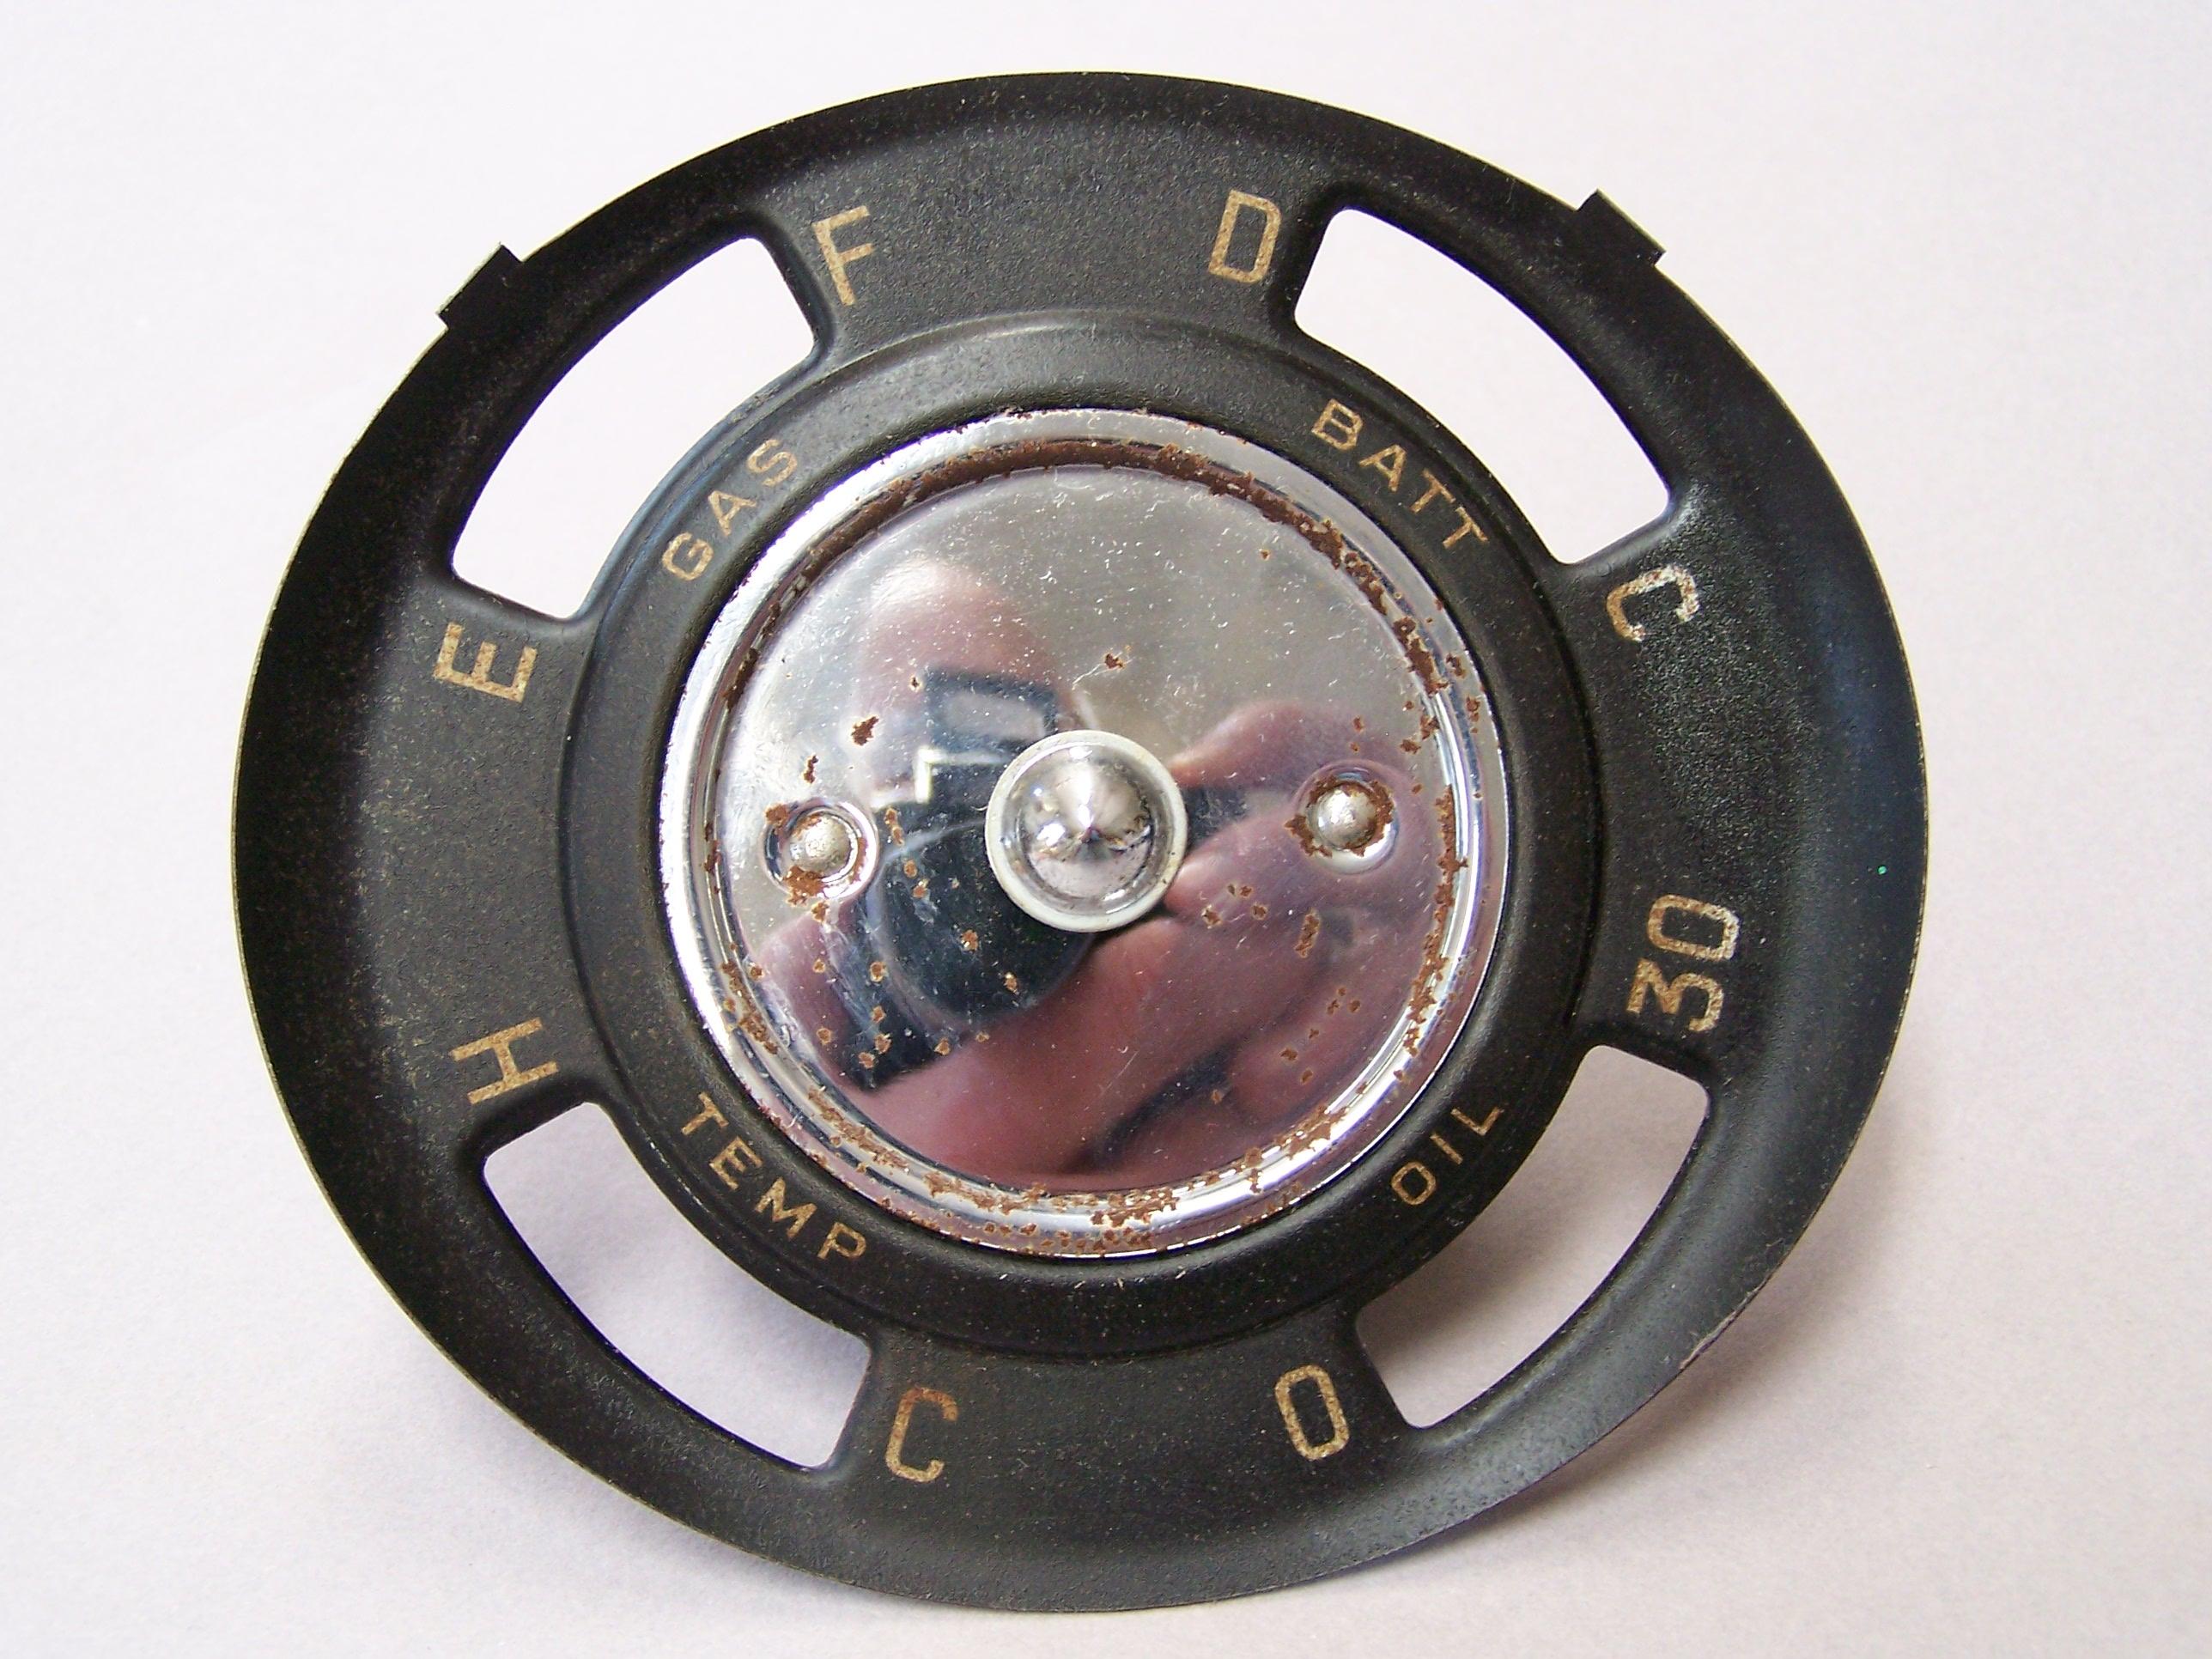 Click image for larger version  Name:gauge cluster.JPG Views:85 Size:925.5 KB ID:66445